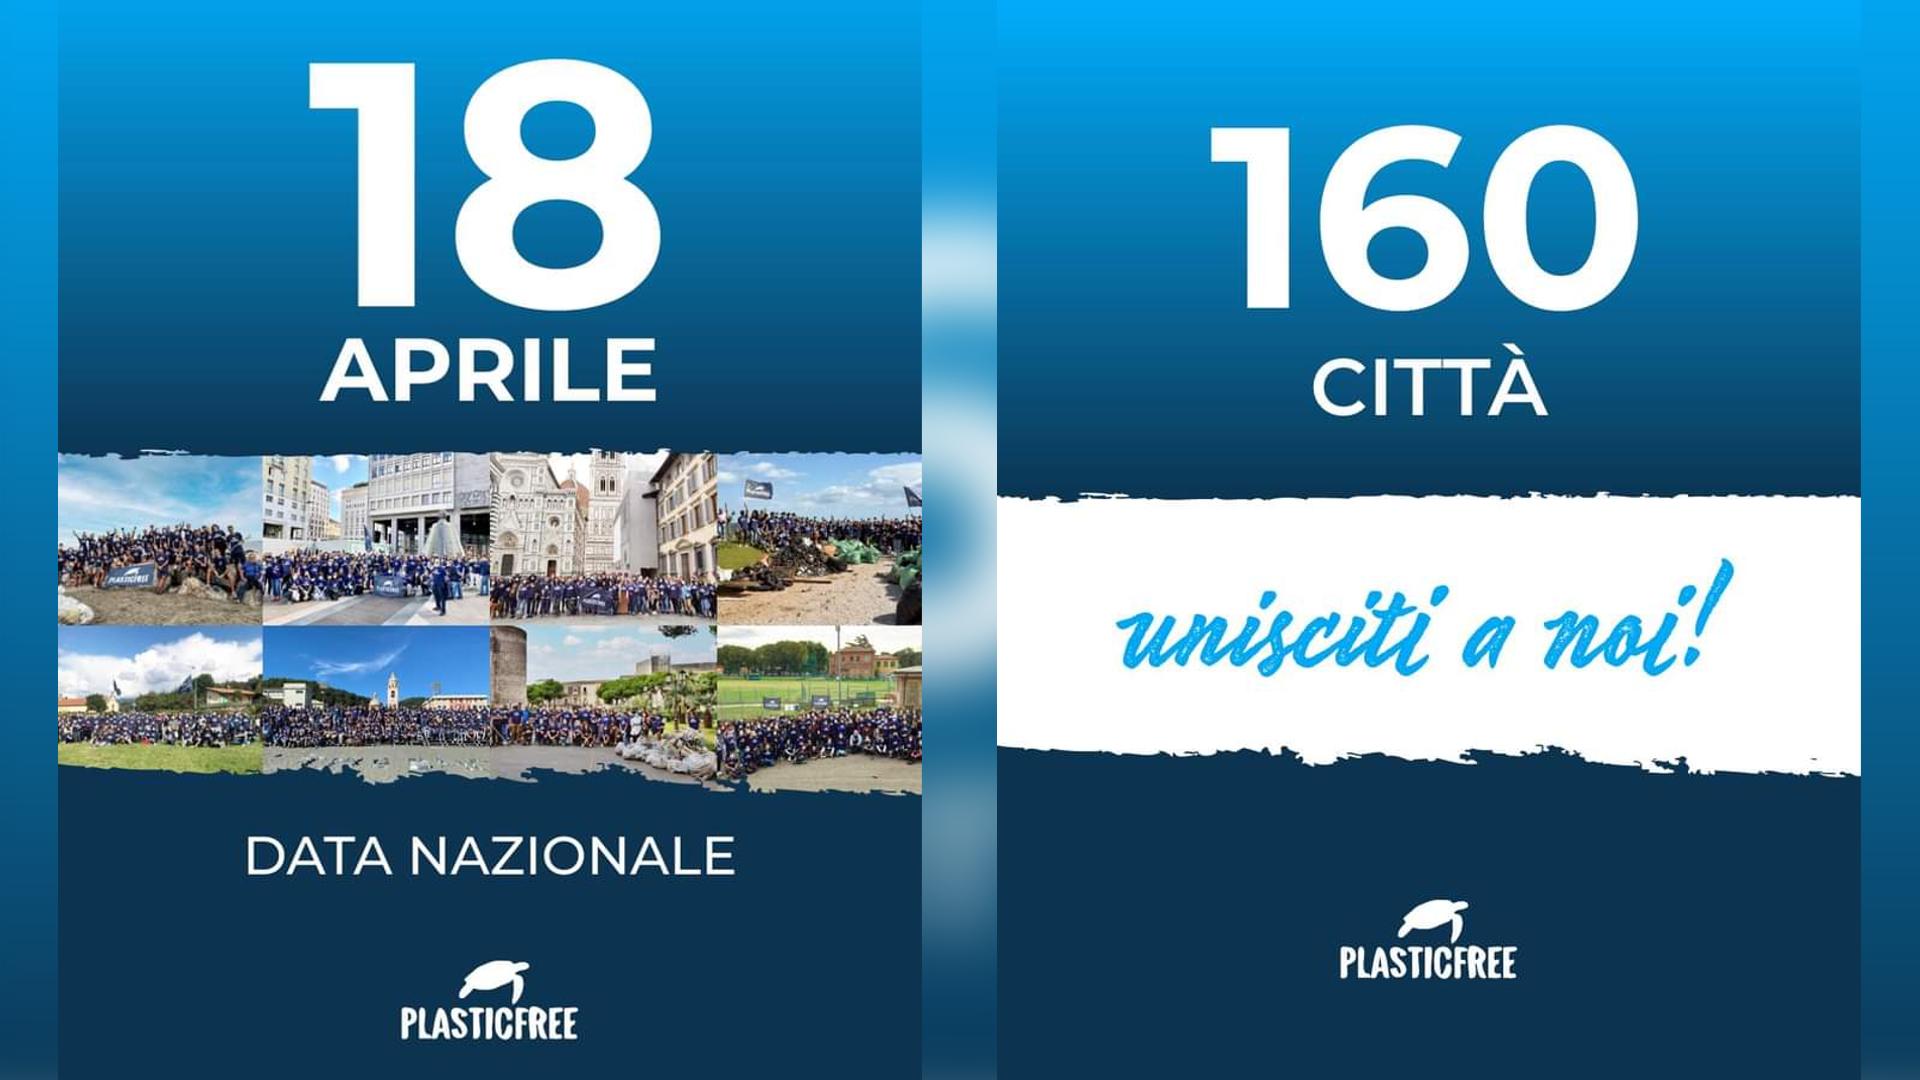 AppNRun sostiene Plastic Free Walk nella sua data nazionale del 18 aprile!